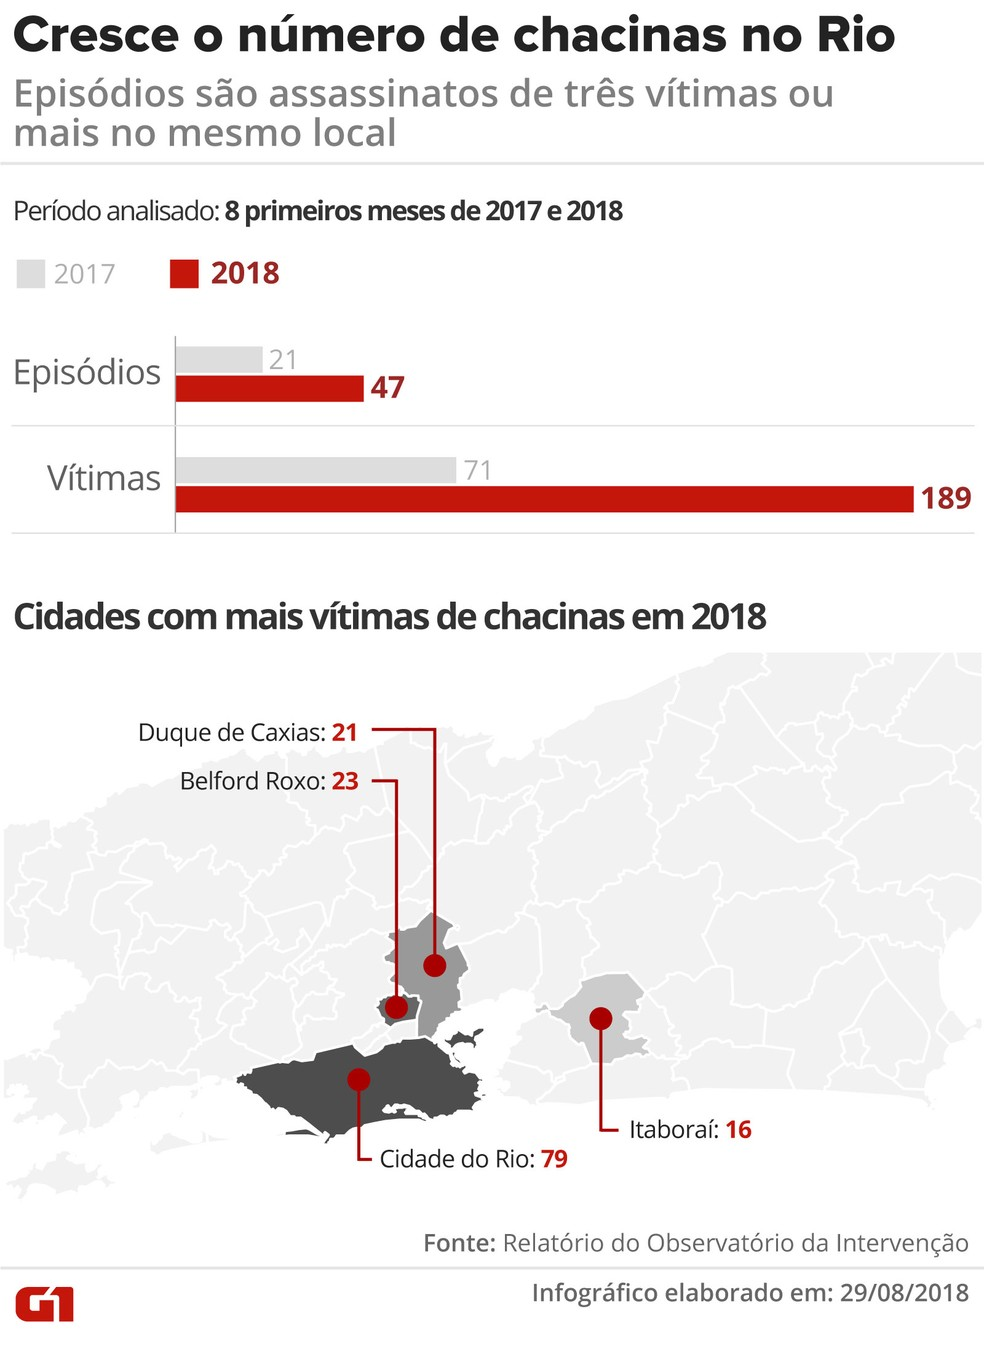 Cresce o número de chacinas no Rio (Foto: Reprodução / Tv Globo)